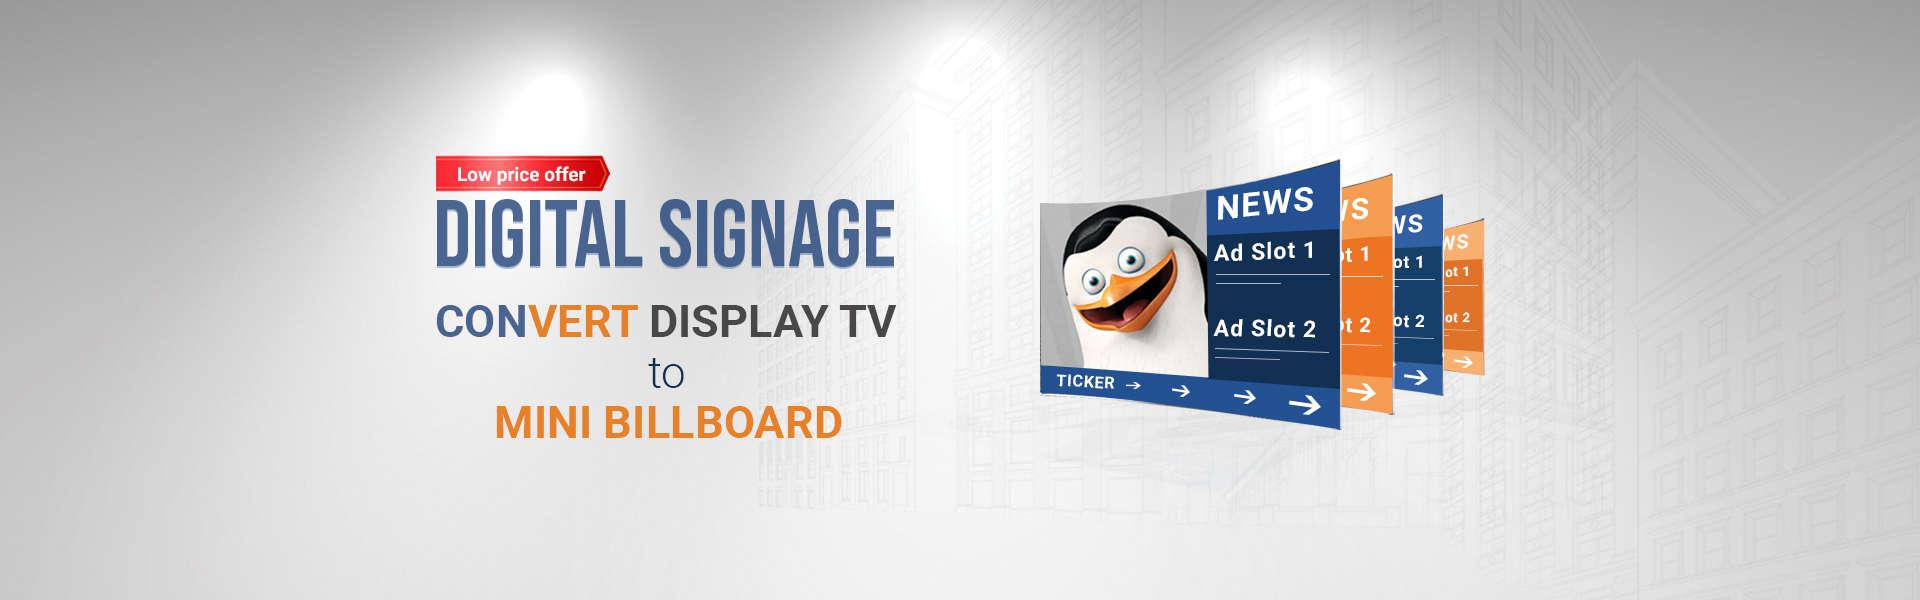 Digital Signage Solution, Digital Signage